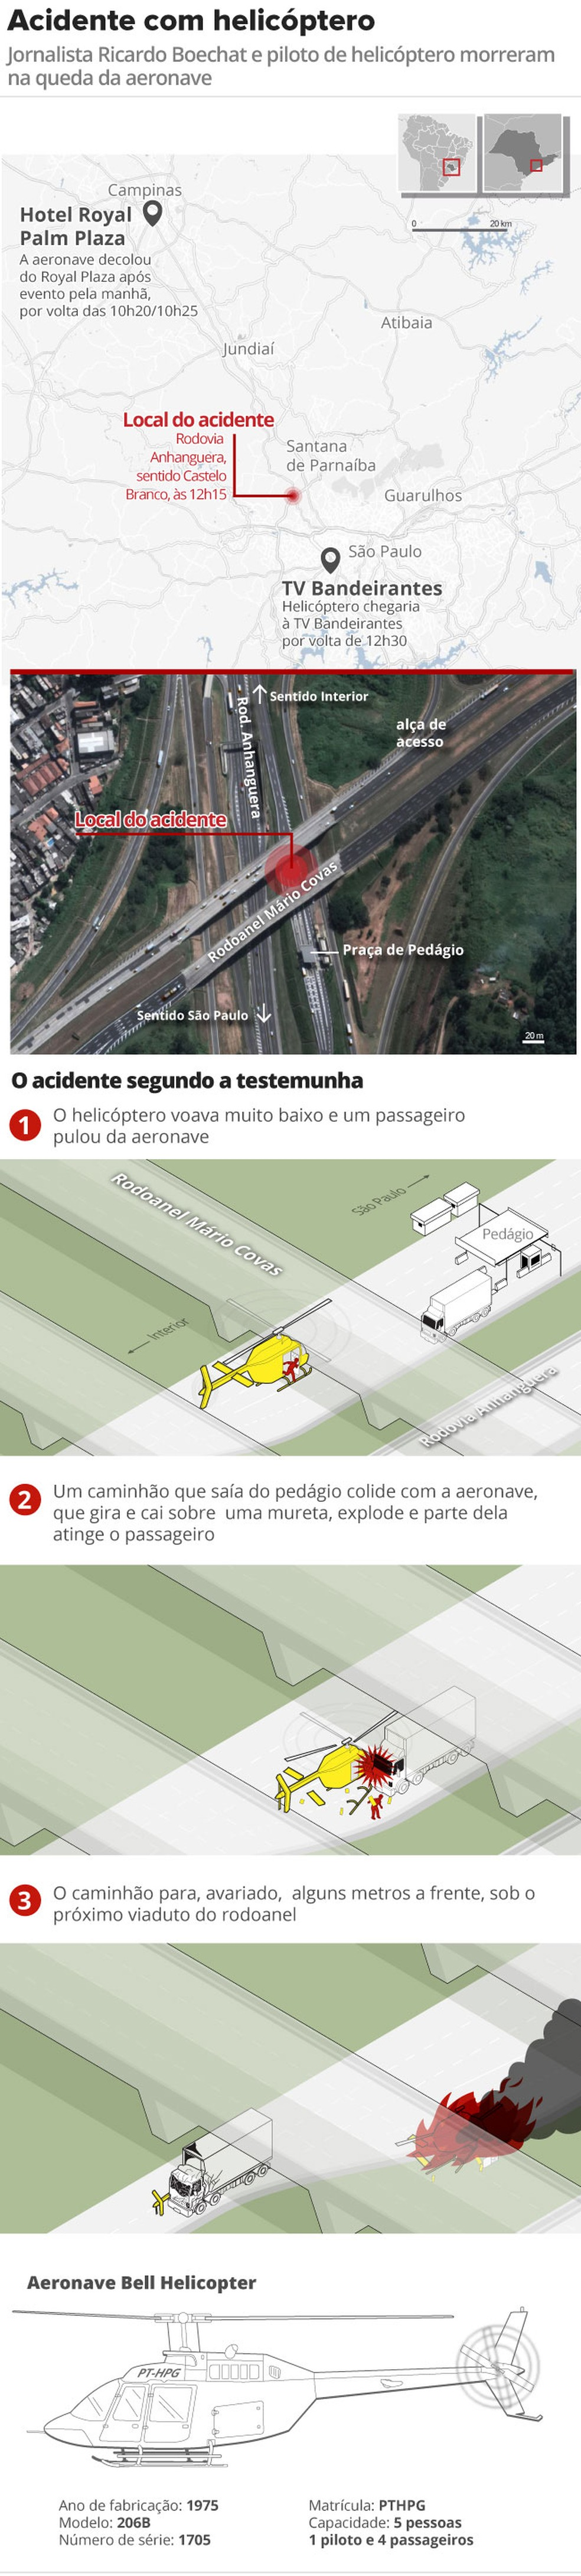 Veja como foi o acidente com o helicóptero segundo testemunha — Foto: Alexandre Mauro/Editoria de Arte/G1